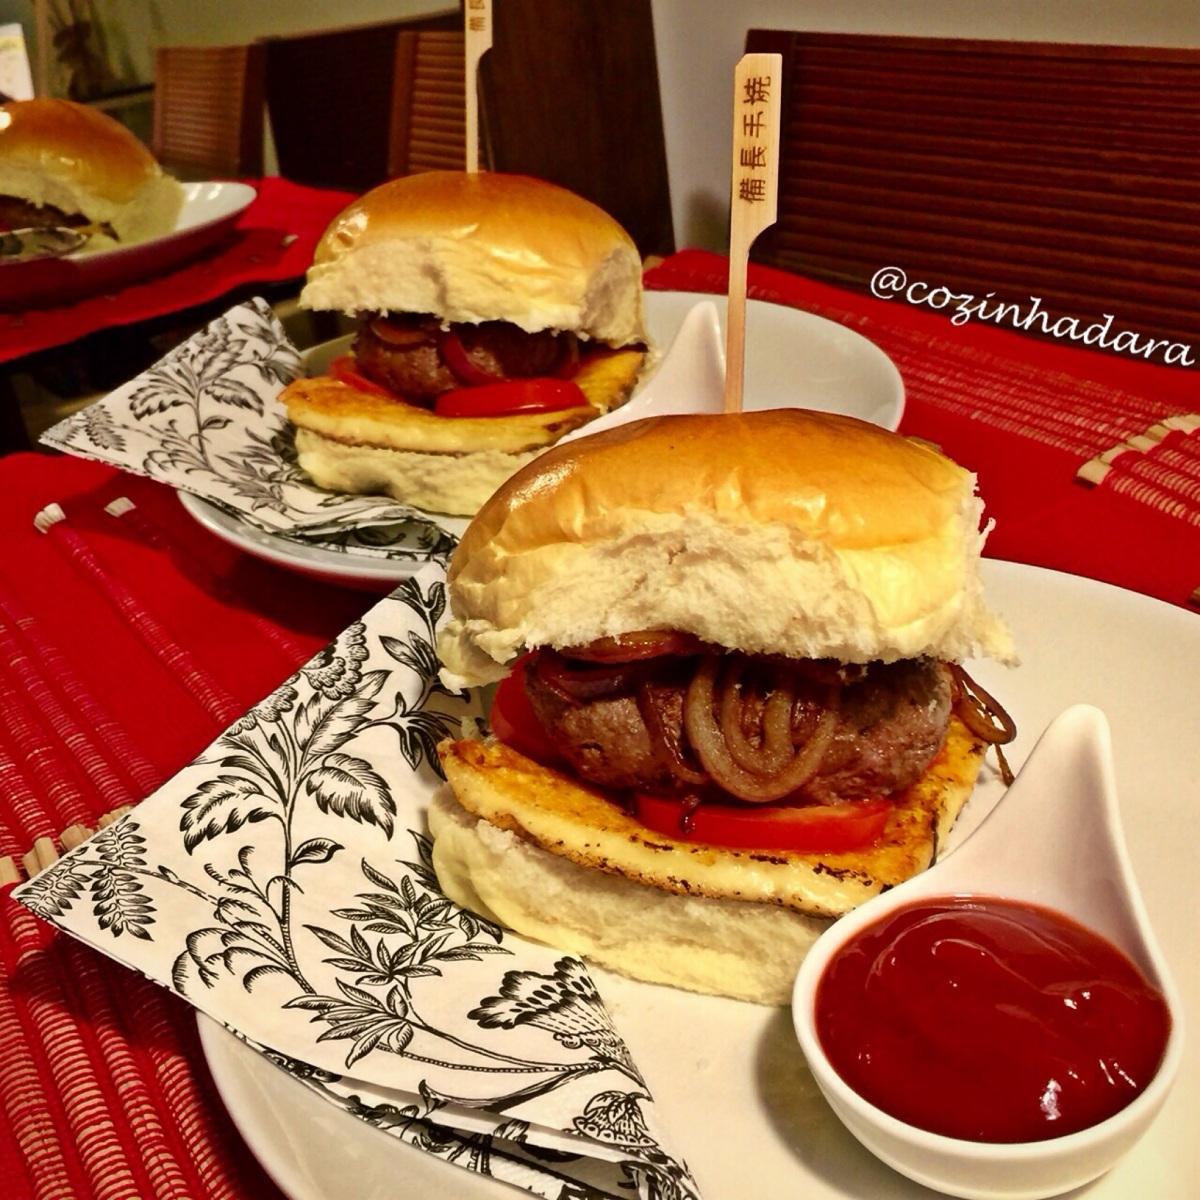 Hambúrguer Caseiro com Queijo Coalho, Cebola Roxa, Tomate Italiano e Ketchup de Balsâmico